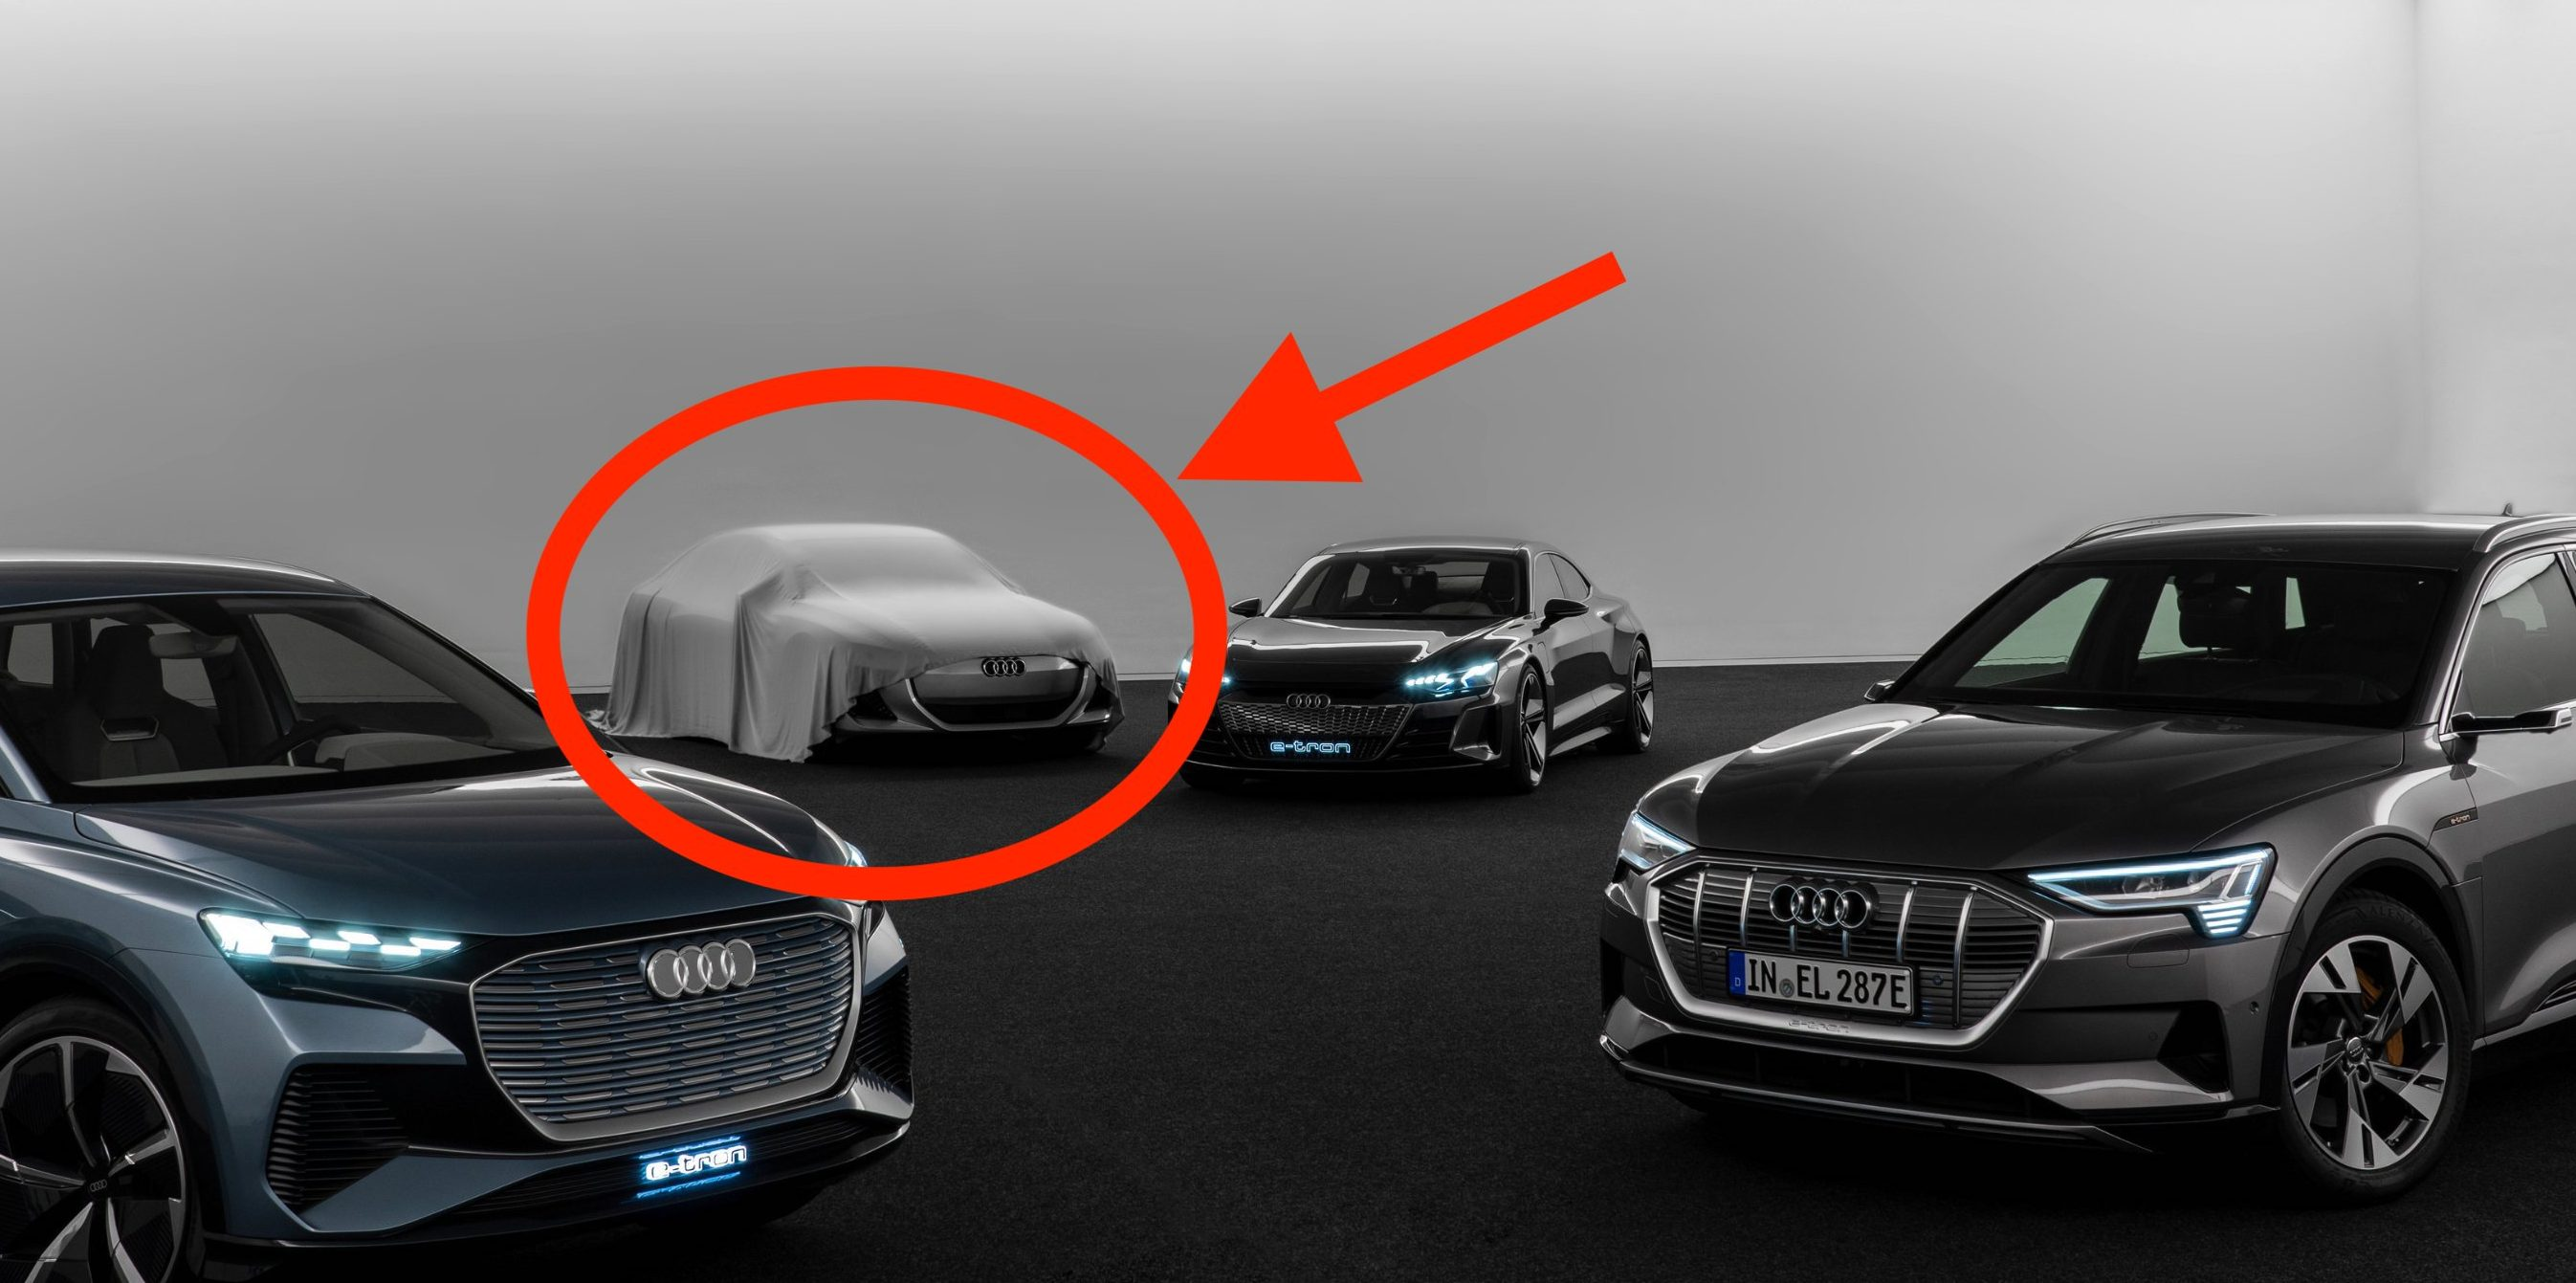 Kelebihan Kekurangan Audi Porsche Harga